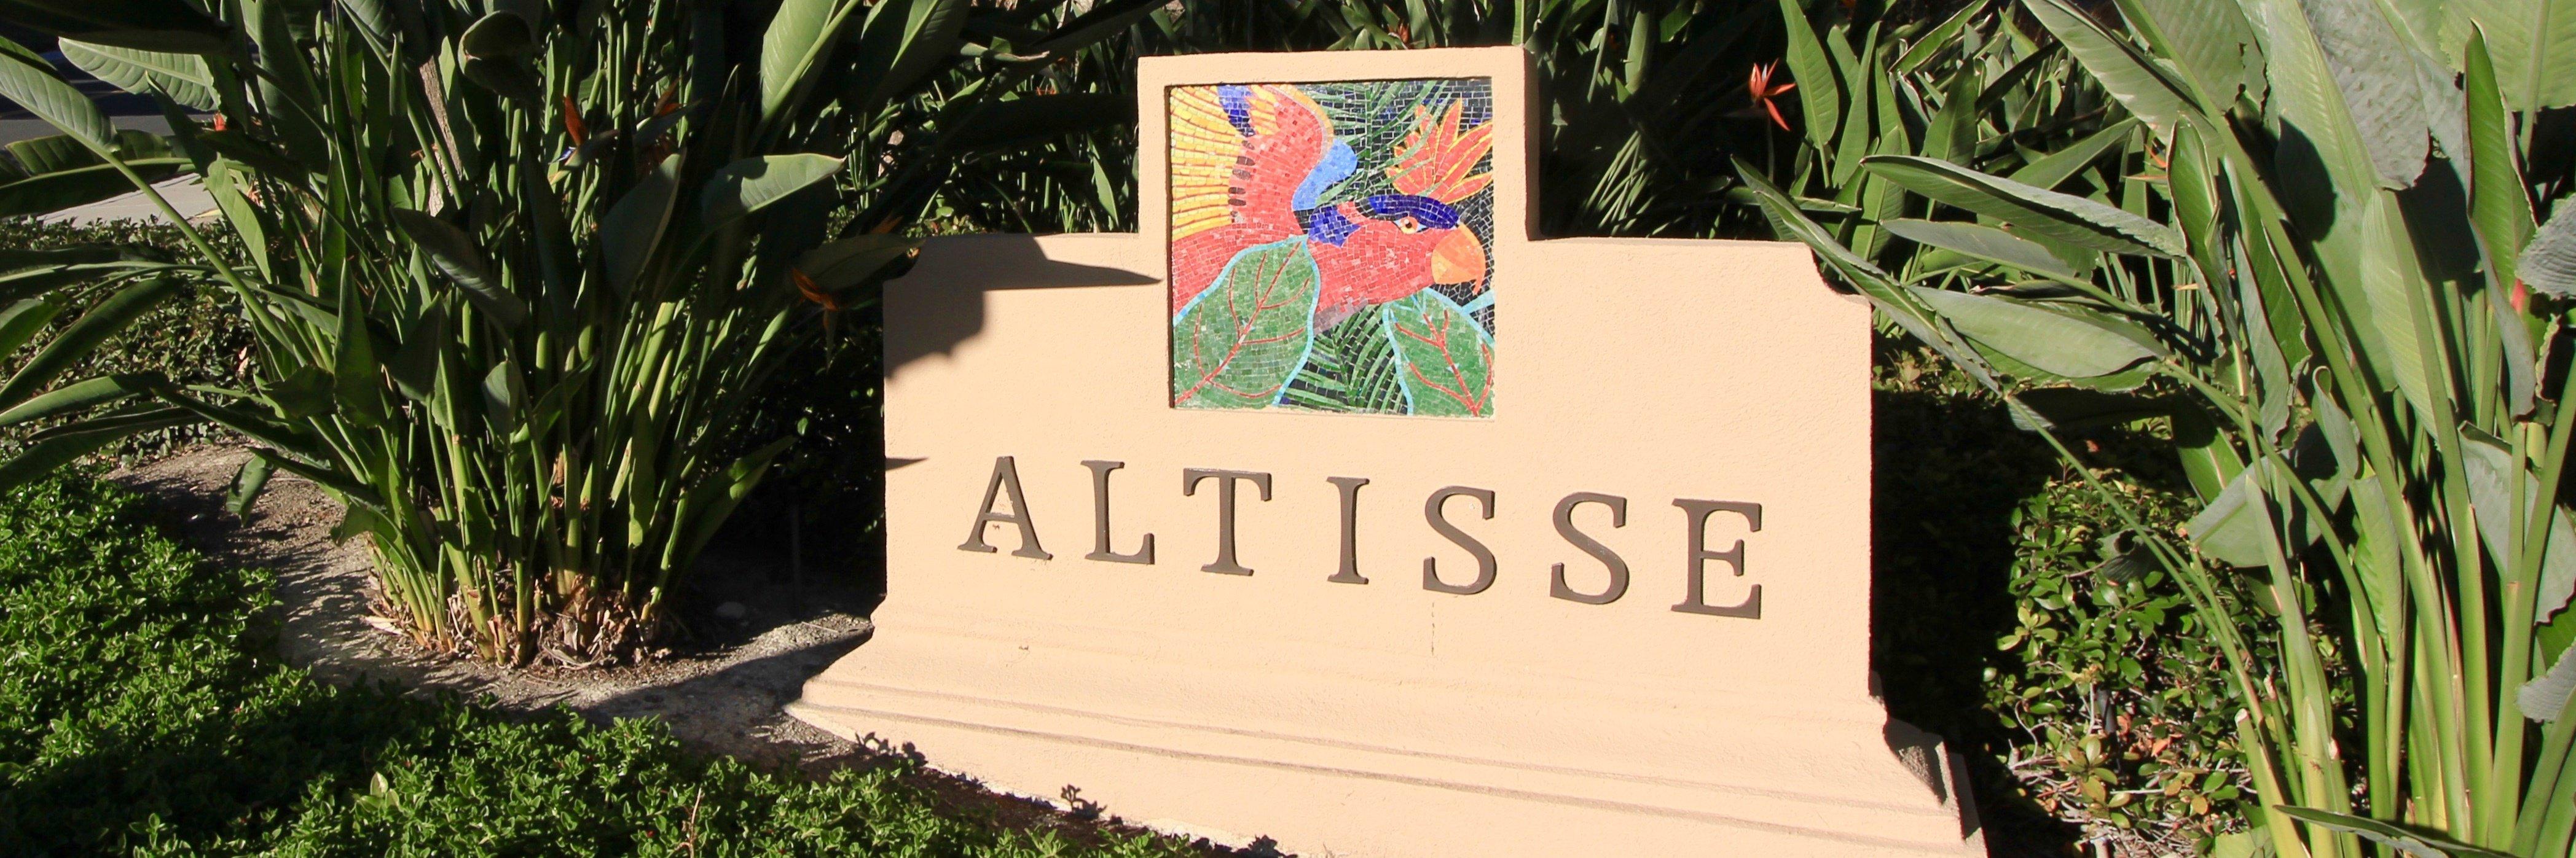 Altisse Community Marquee in Aliso Viejo Ca